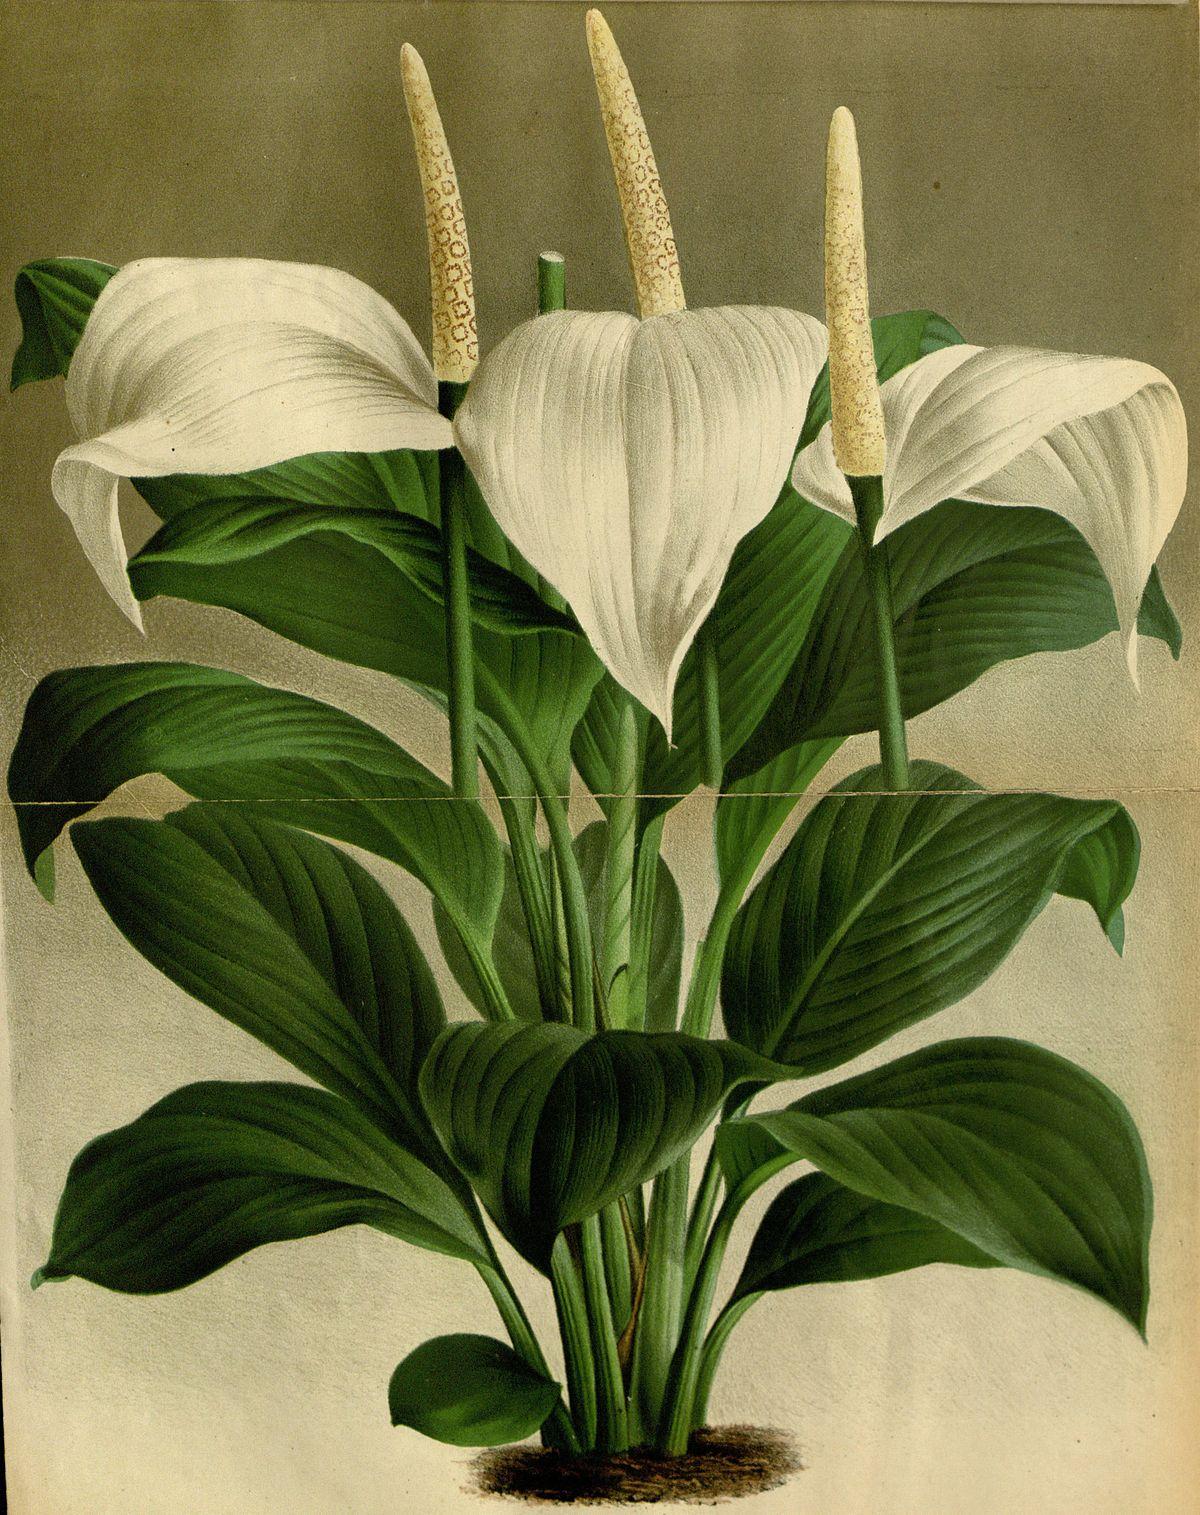 Spathiphyllum wikipedia - Katzen giftige zimmerpflanzen bilder ...